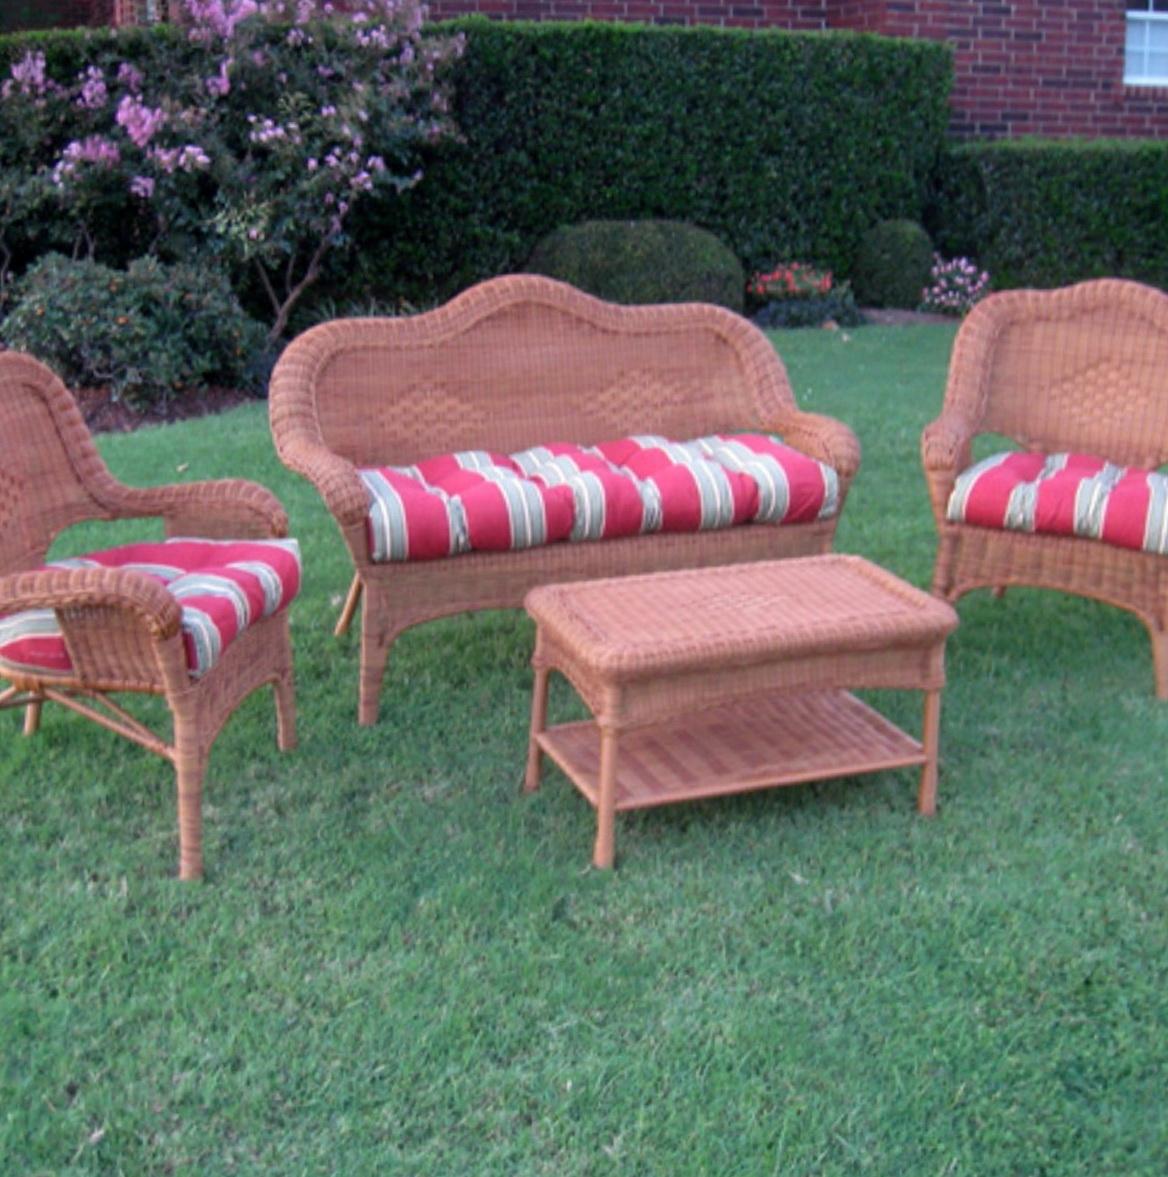 clearance outdoor chair cushions vladimir kagan rocking patio home design ideas